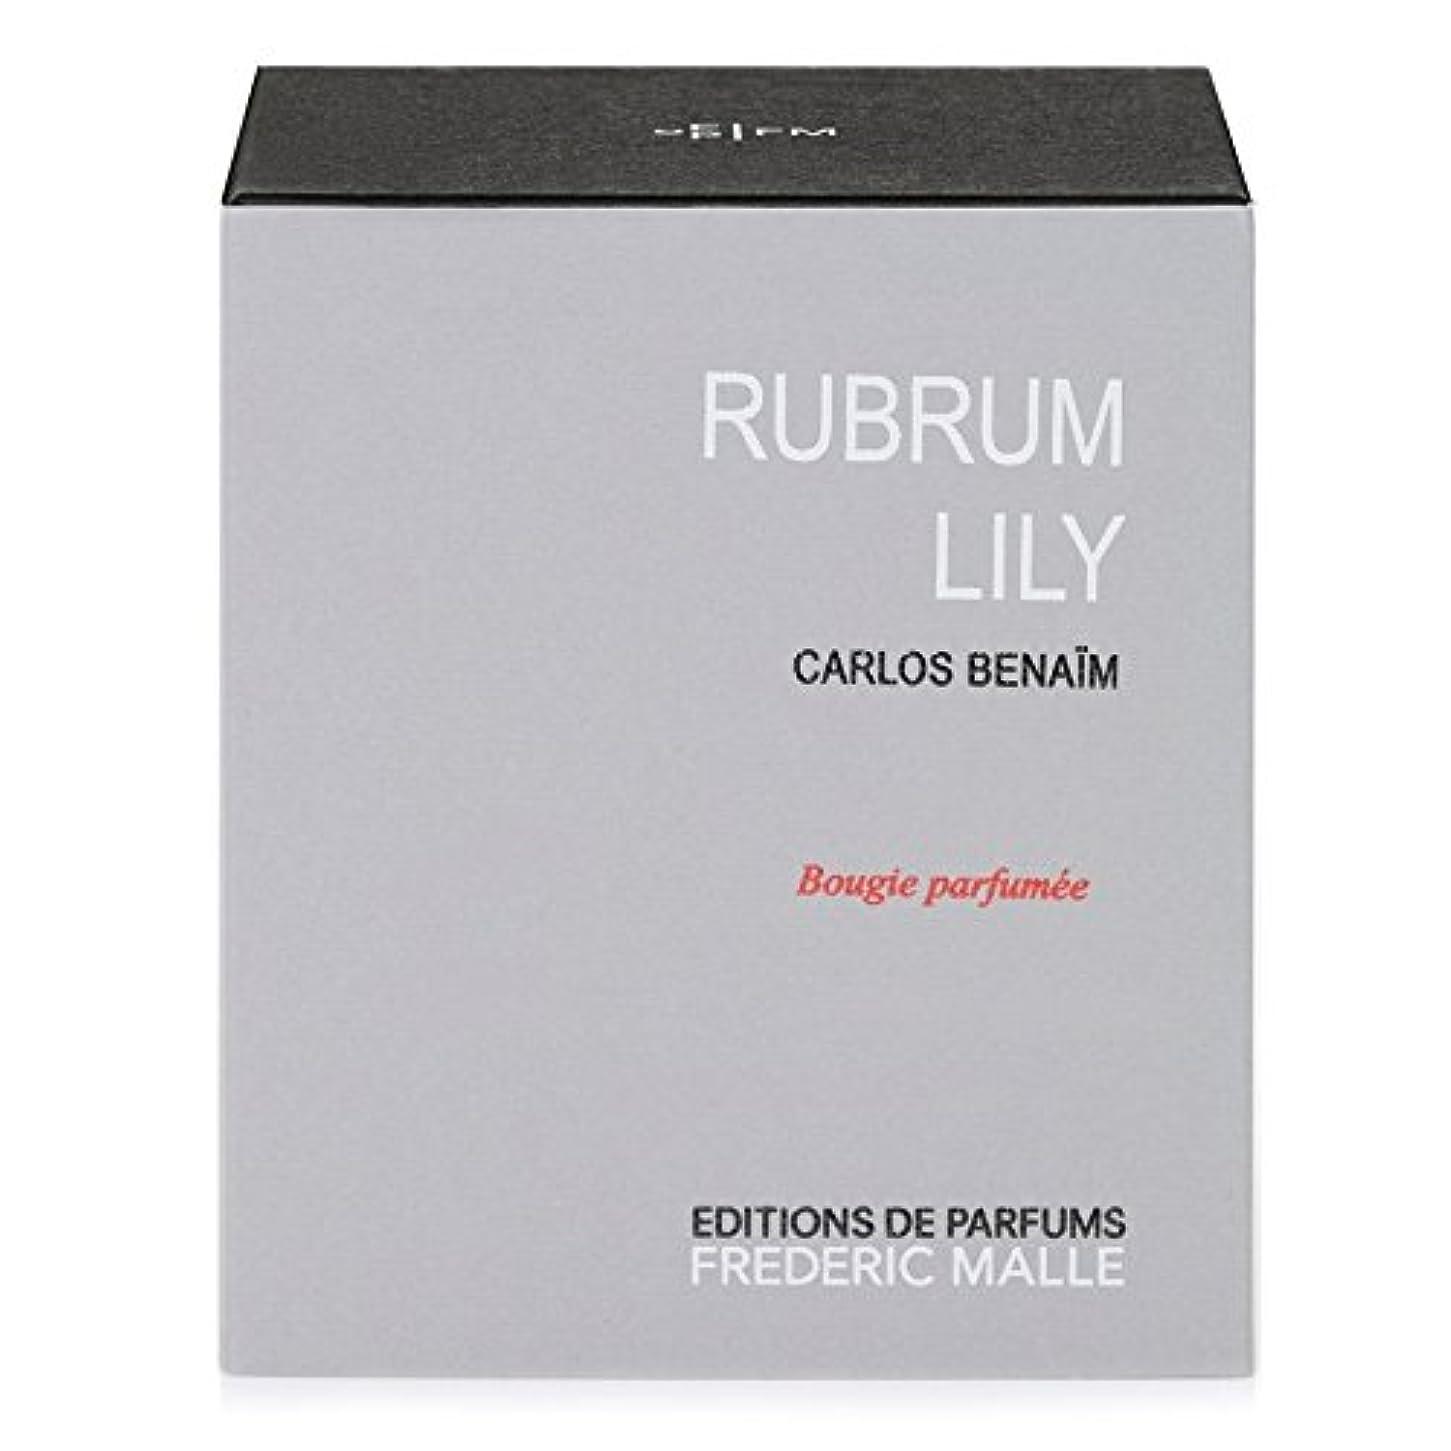 雑種パラメータできないフレデリック?マルルブルムユリの香りのキャンドル x6 - Frederic Malle Rubrum Lily Scented Candle (Pack of 6) [並行輸入品]